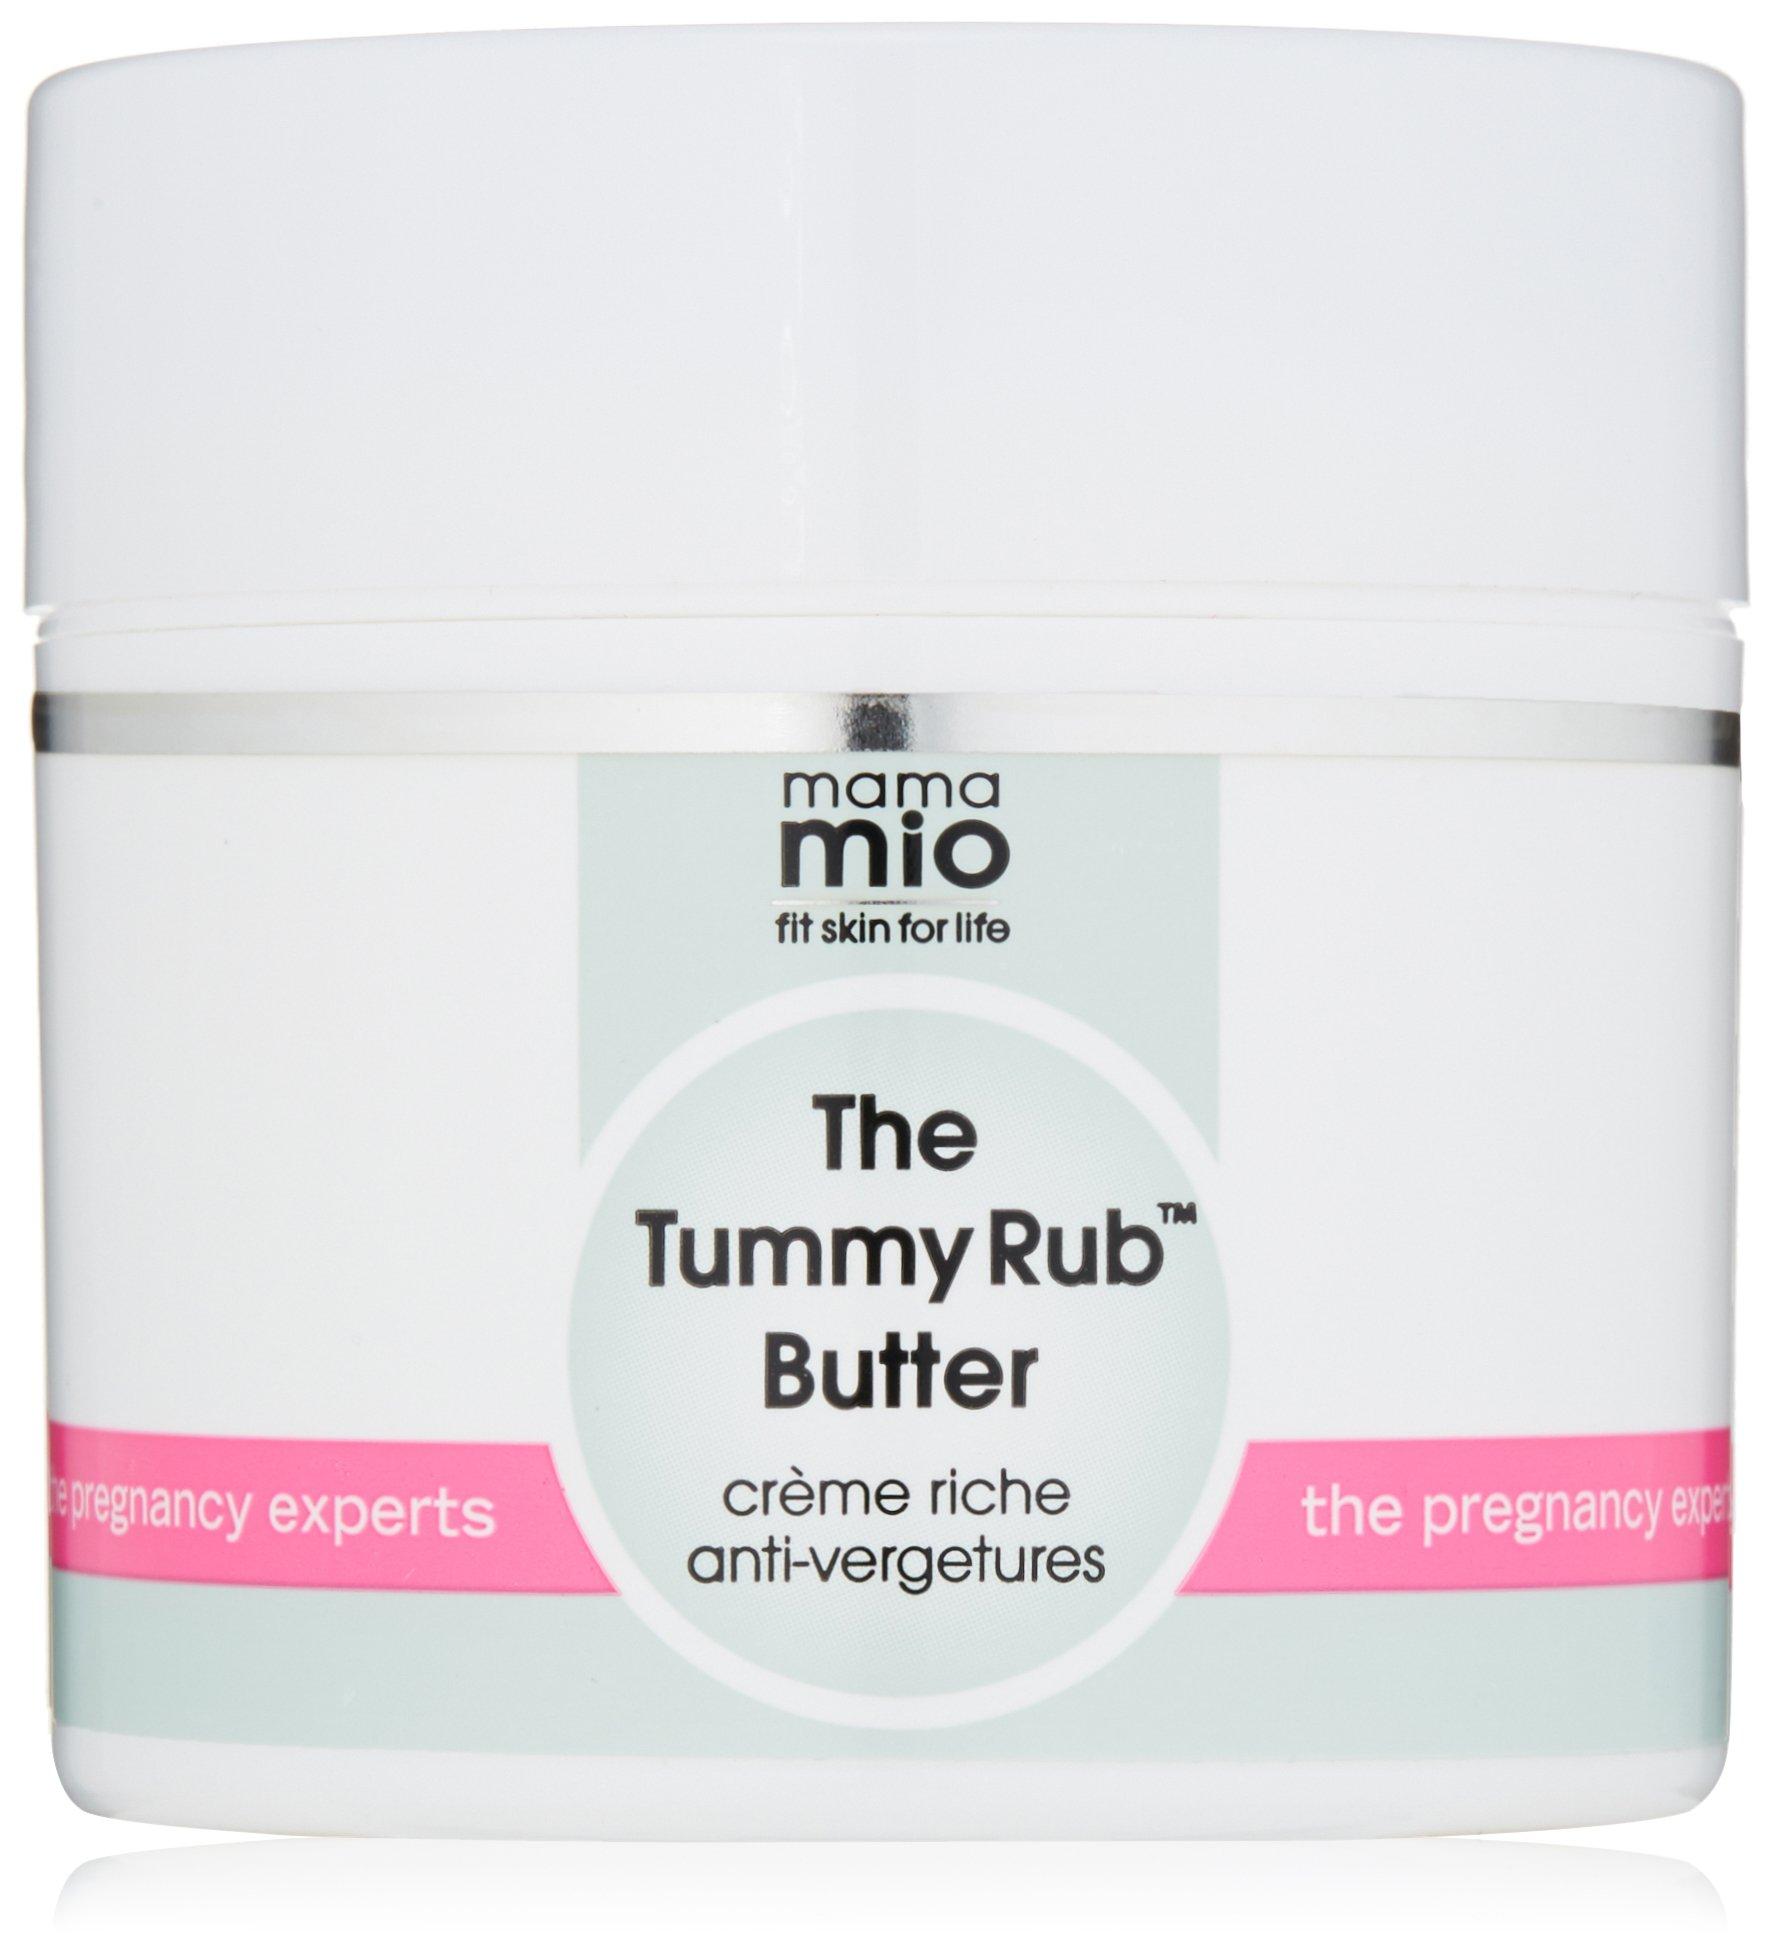 Mama Mio The Tummy Rub Butter ,4.1 Fl Oz by Mio